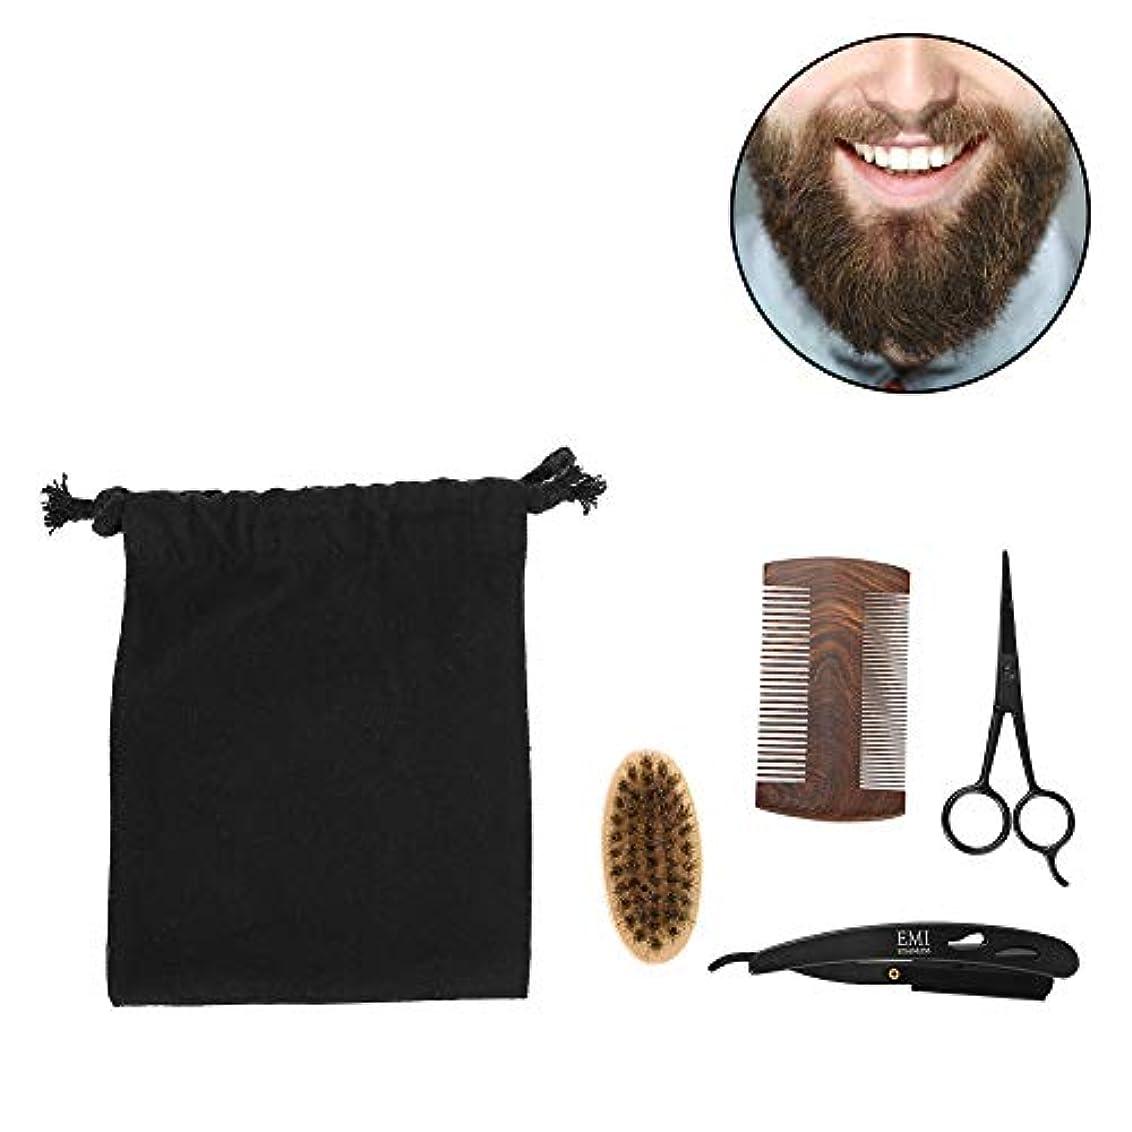 ワイヤー結び目教育者男性のためのSemmeひげグルーミングキット、ひげブラシセット、ひげケアセットスタイル男性のくしブラシはさみキットモデリングクリーニング修理セットとキャンバスバッグ